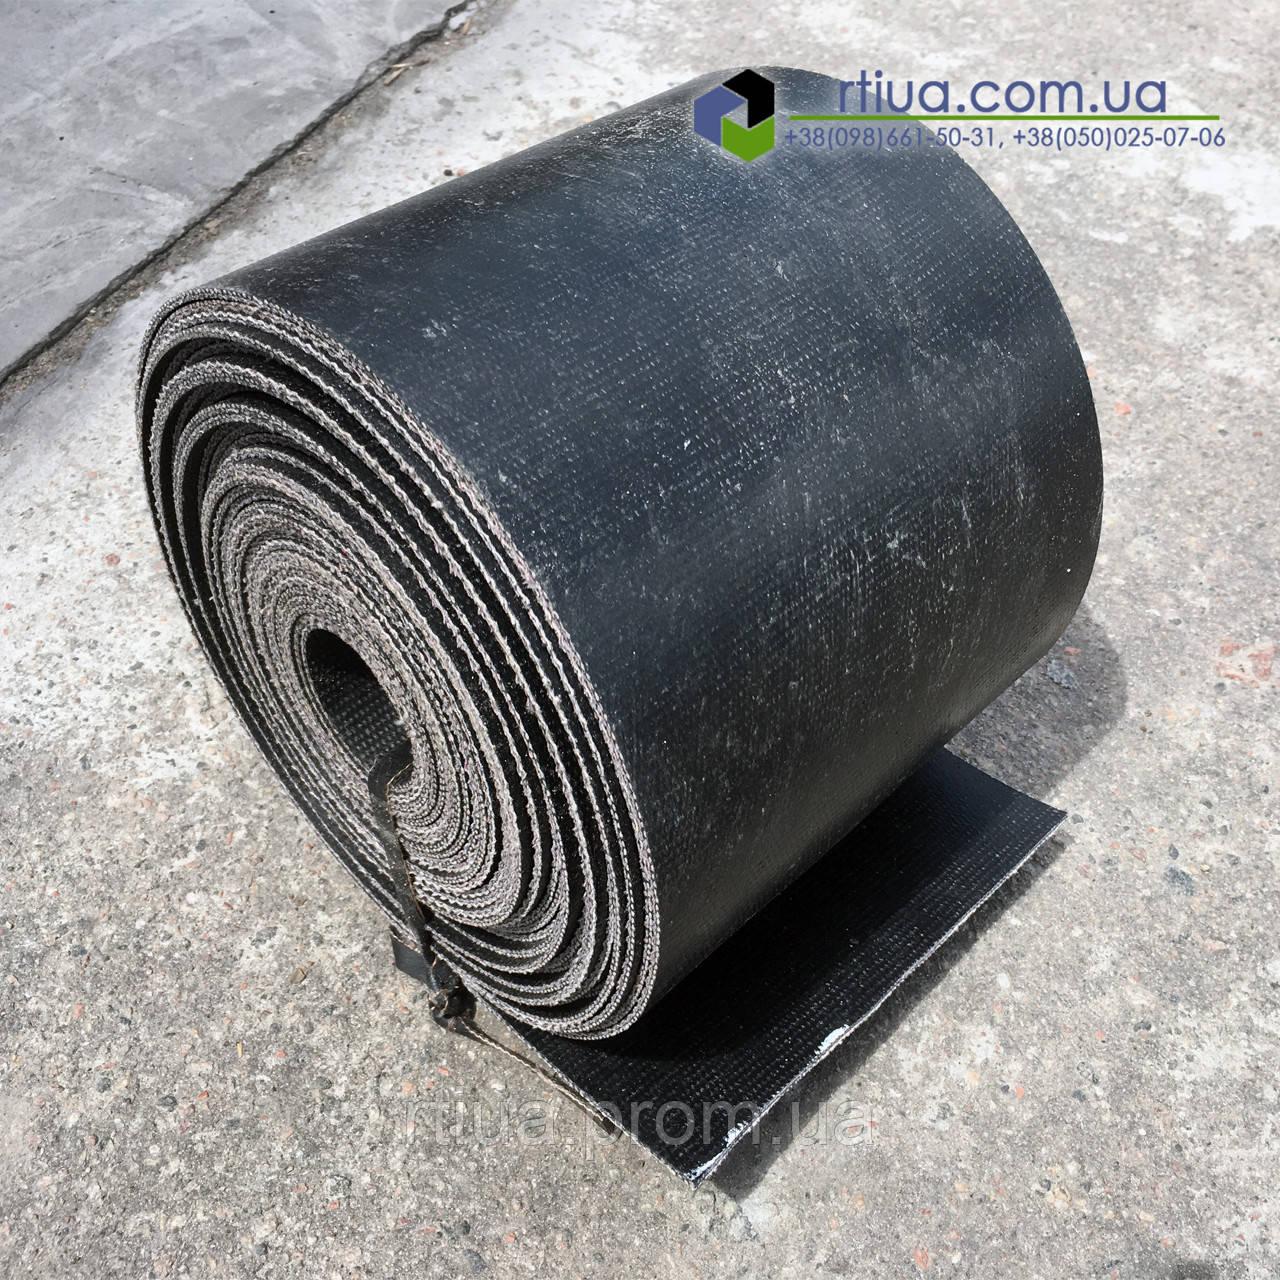 Транспортерная лента БКНЛ, 1200х3 мм